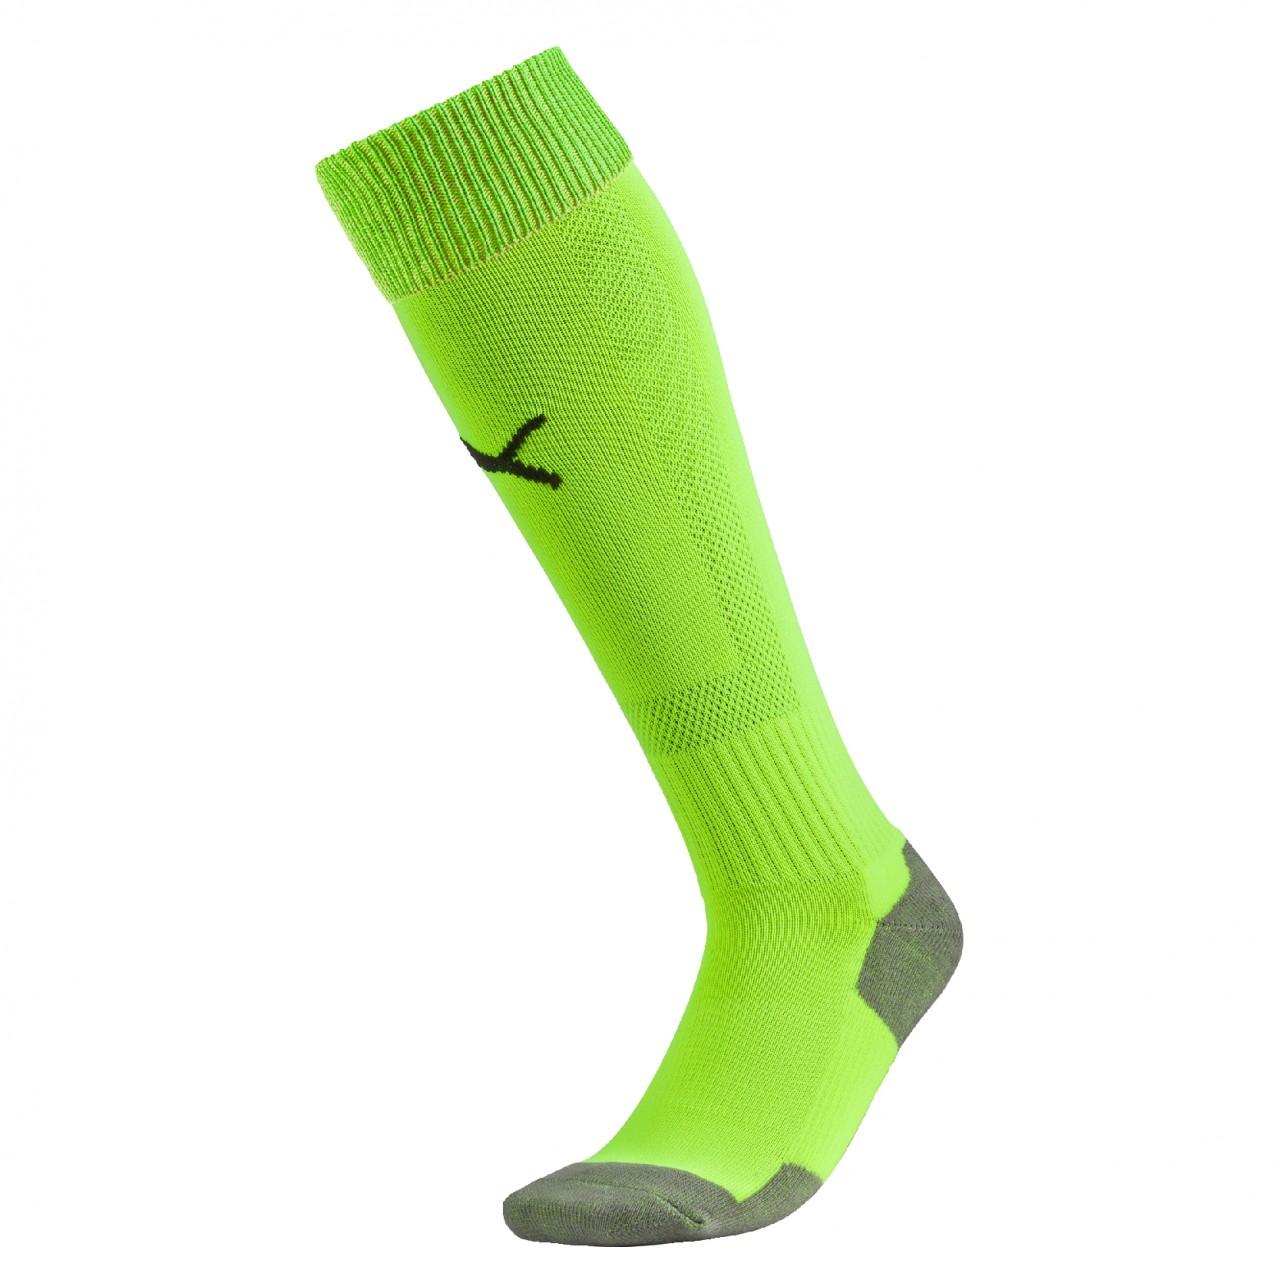 PUMA Striker Socks